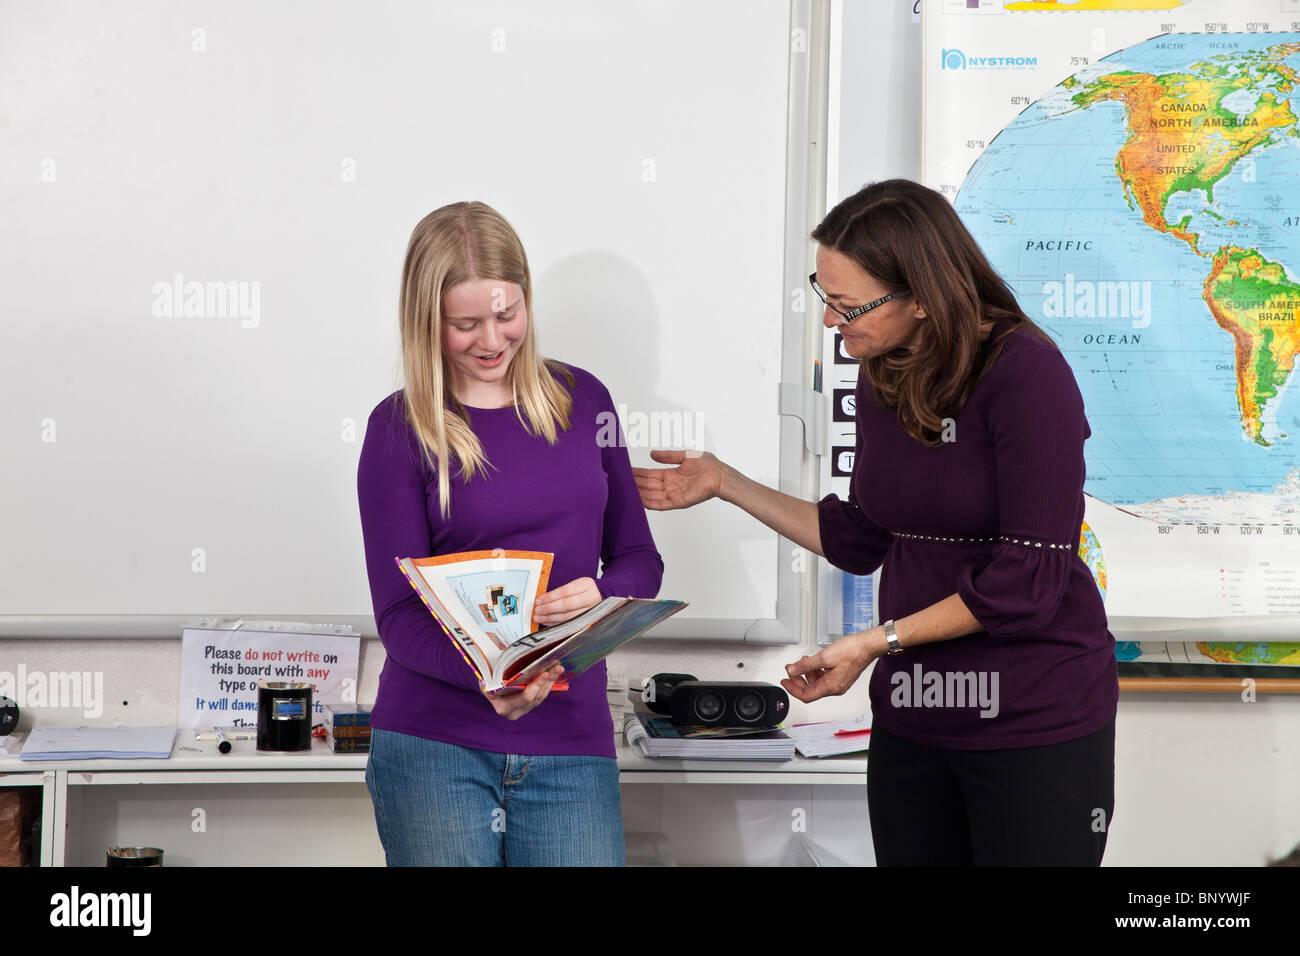 Student Kind Kinder 11-13 Jahre alt sprechen und lesen mit Lehrer vor Klasse weiblich weibliche Person Menschen USA Herr © Myrleen Pearson Stockfoto